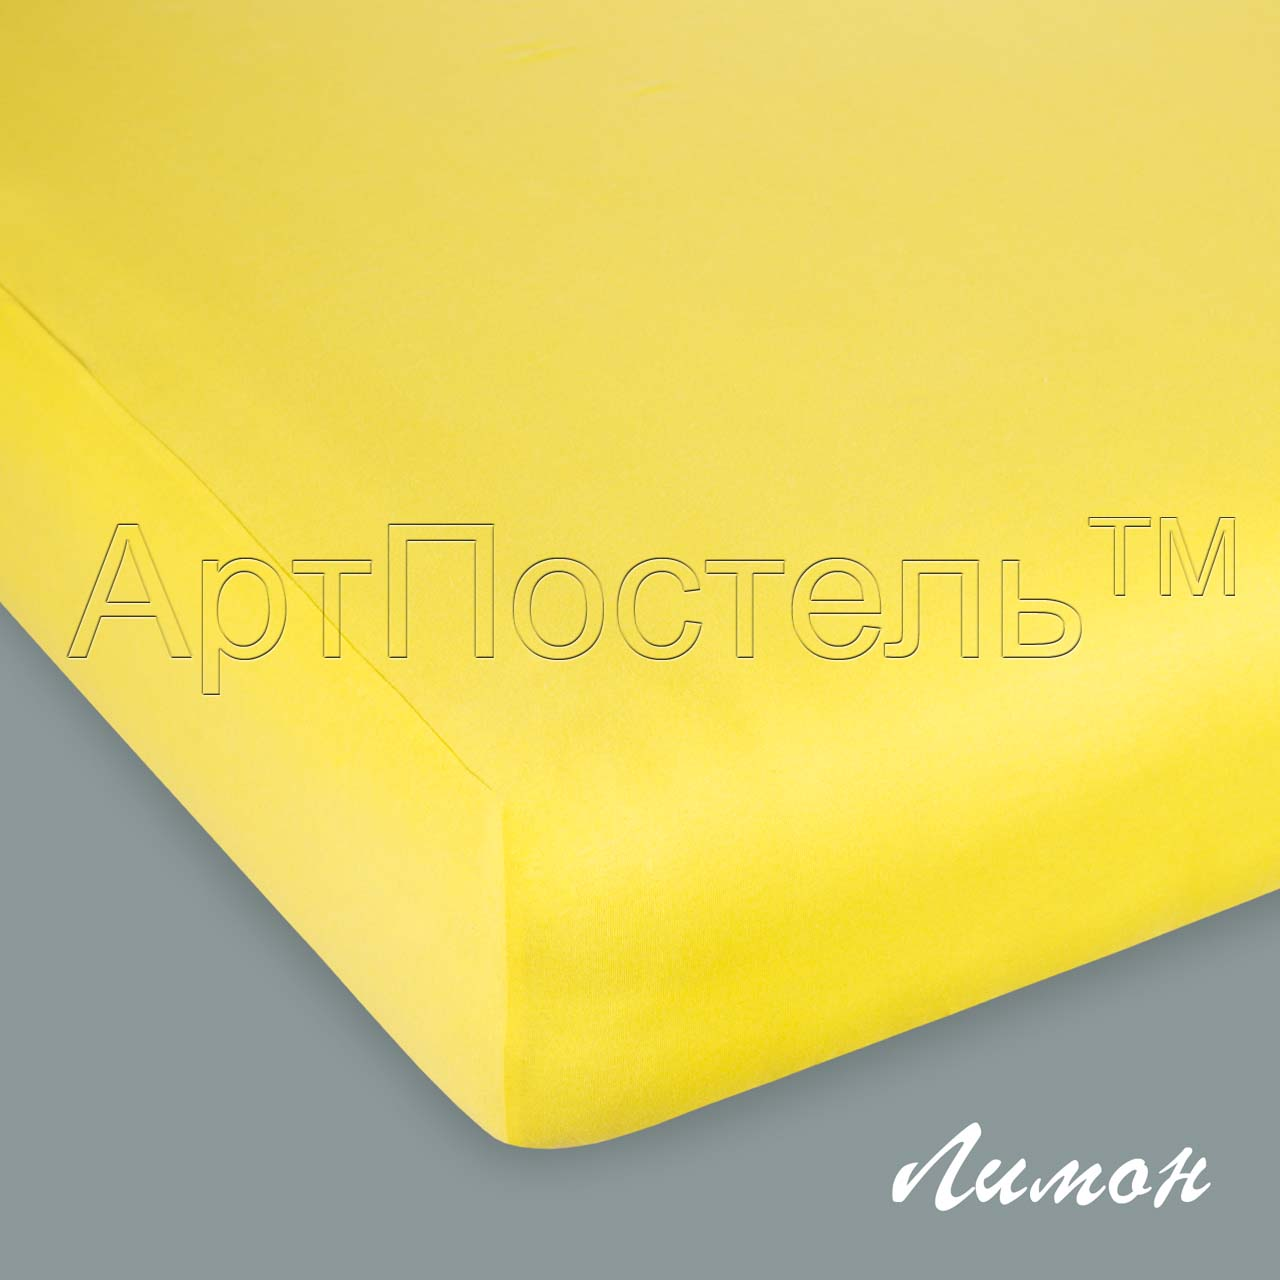 Простыня на резинке Лимон, размер 140х200 смПростыни<br>Плотность ткани:145 г/кв. м<br>Высота матраса:20 см<br><br>Тип: Простыня<br>Размер: 140х200<br>Материал: Кулирка